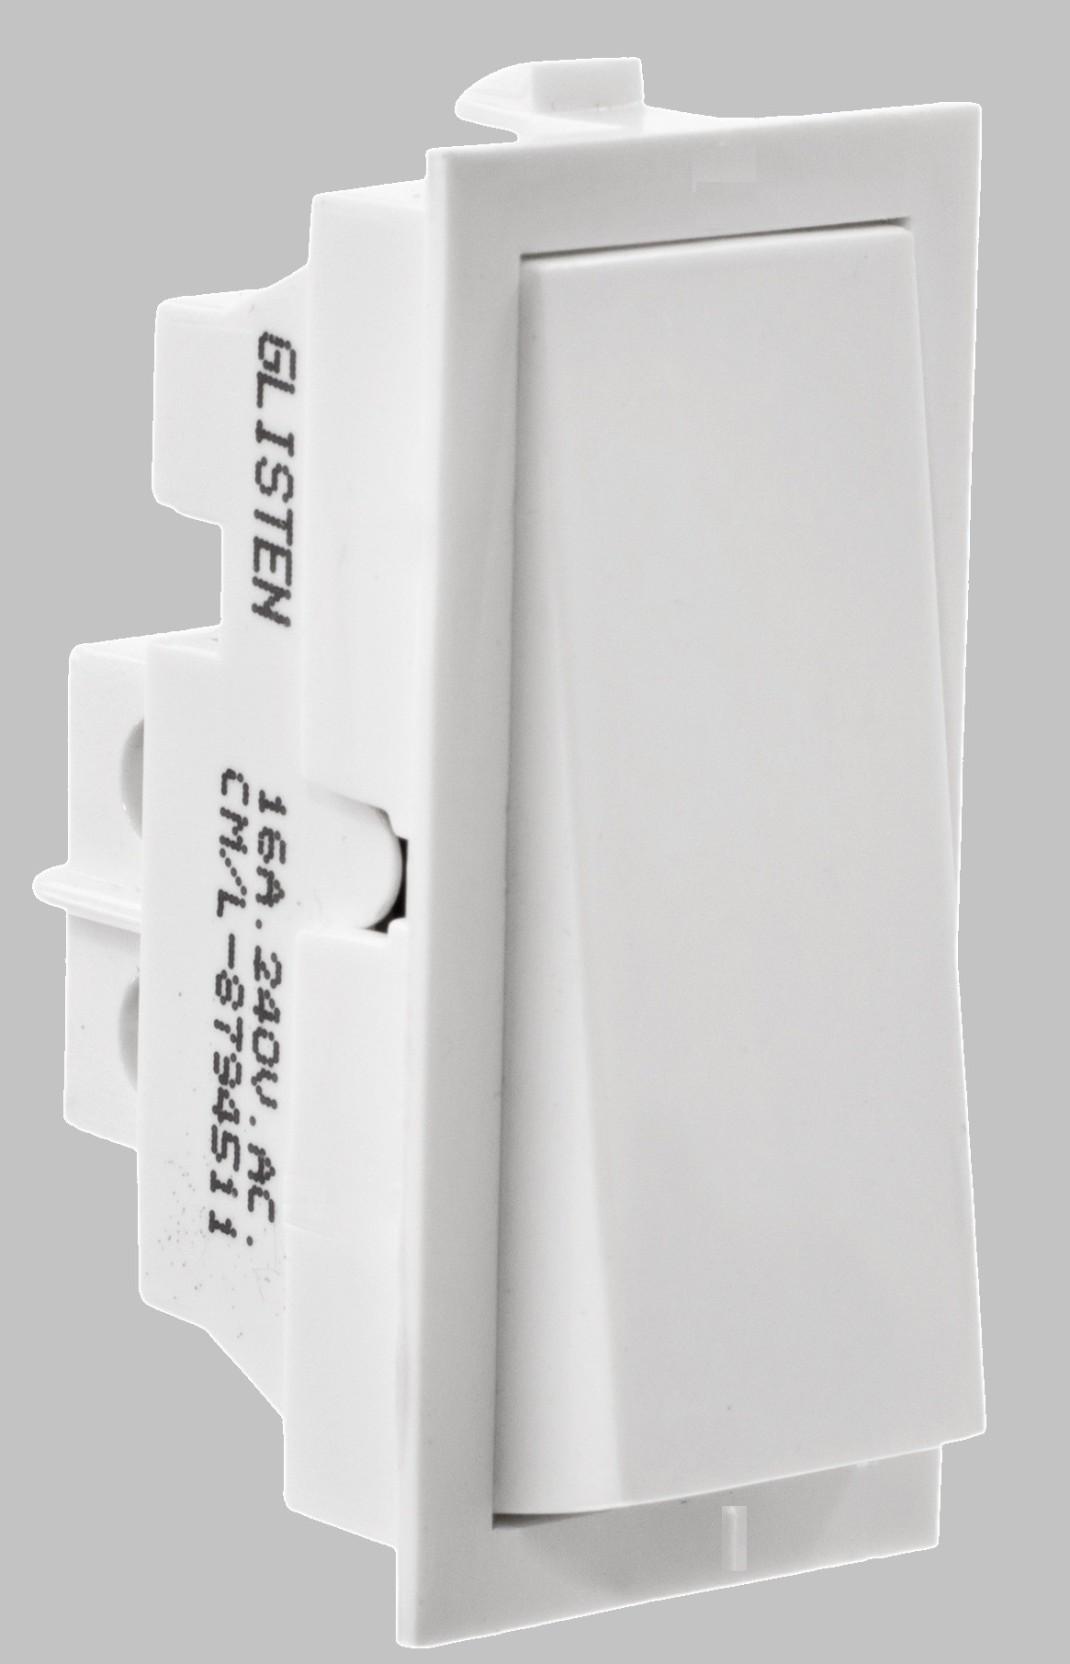 Girish 15 One Way Electrical Switch Price in India - Buy Girish 15 ...